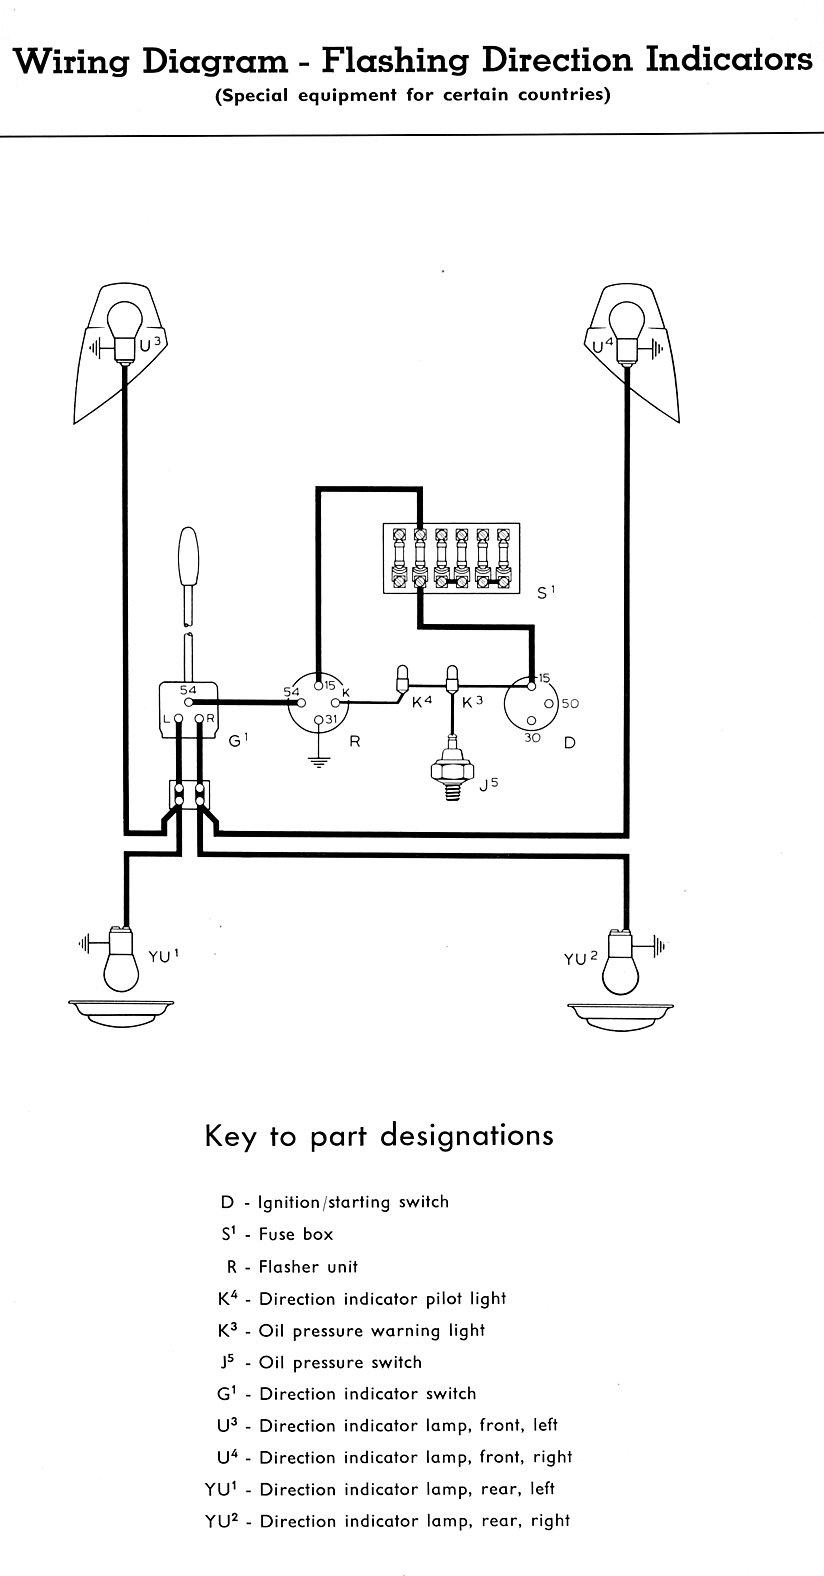 Turn Signal Wiring Diagram - Wiring Diagrams Hubs - Turn Signal Wiring Diagram